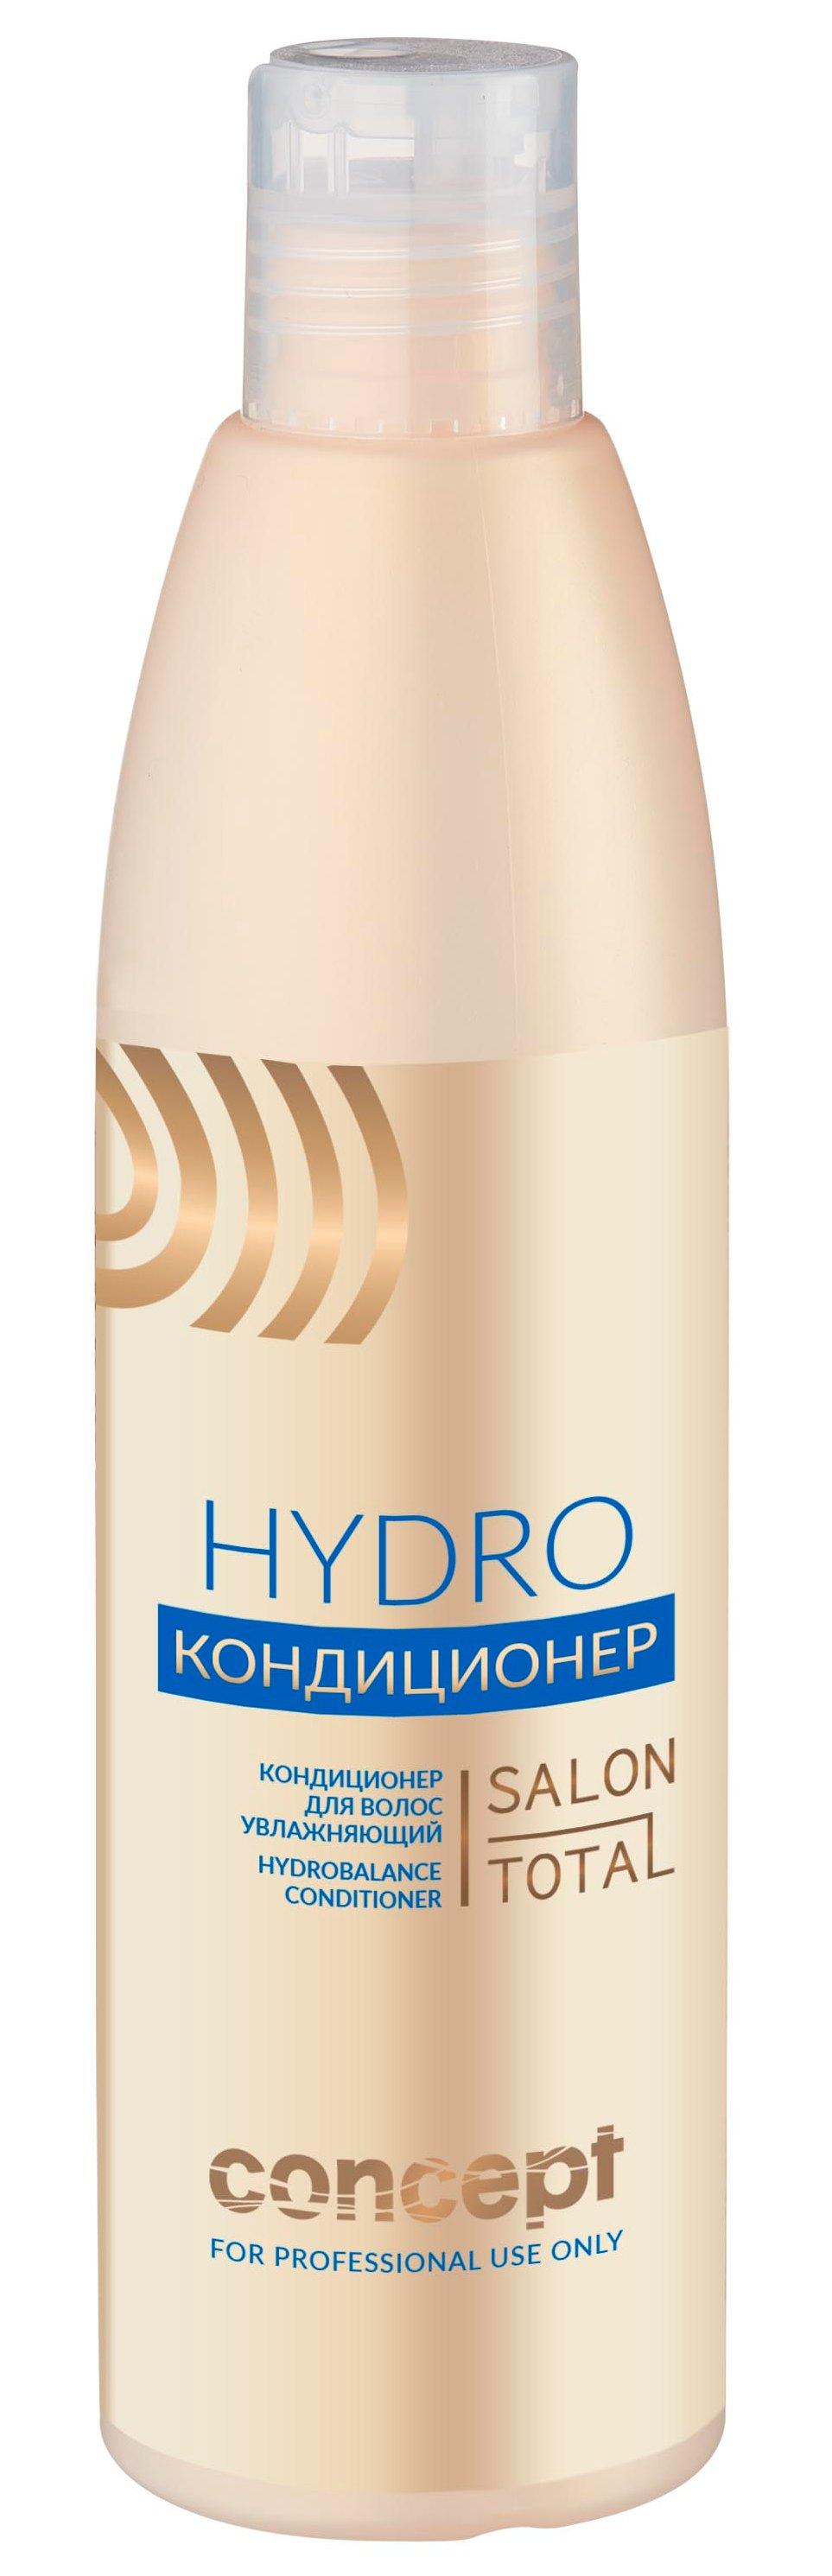 Купить CONCEPT Кондиционер увлажняющий для волос / Hydrobalance conditioner 300 мл